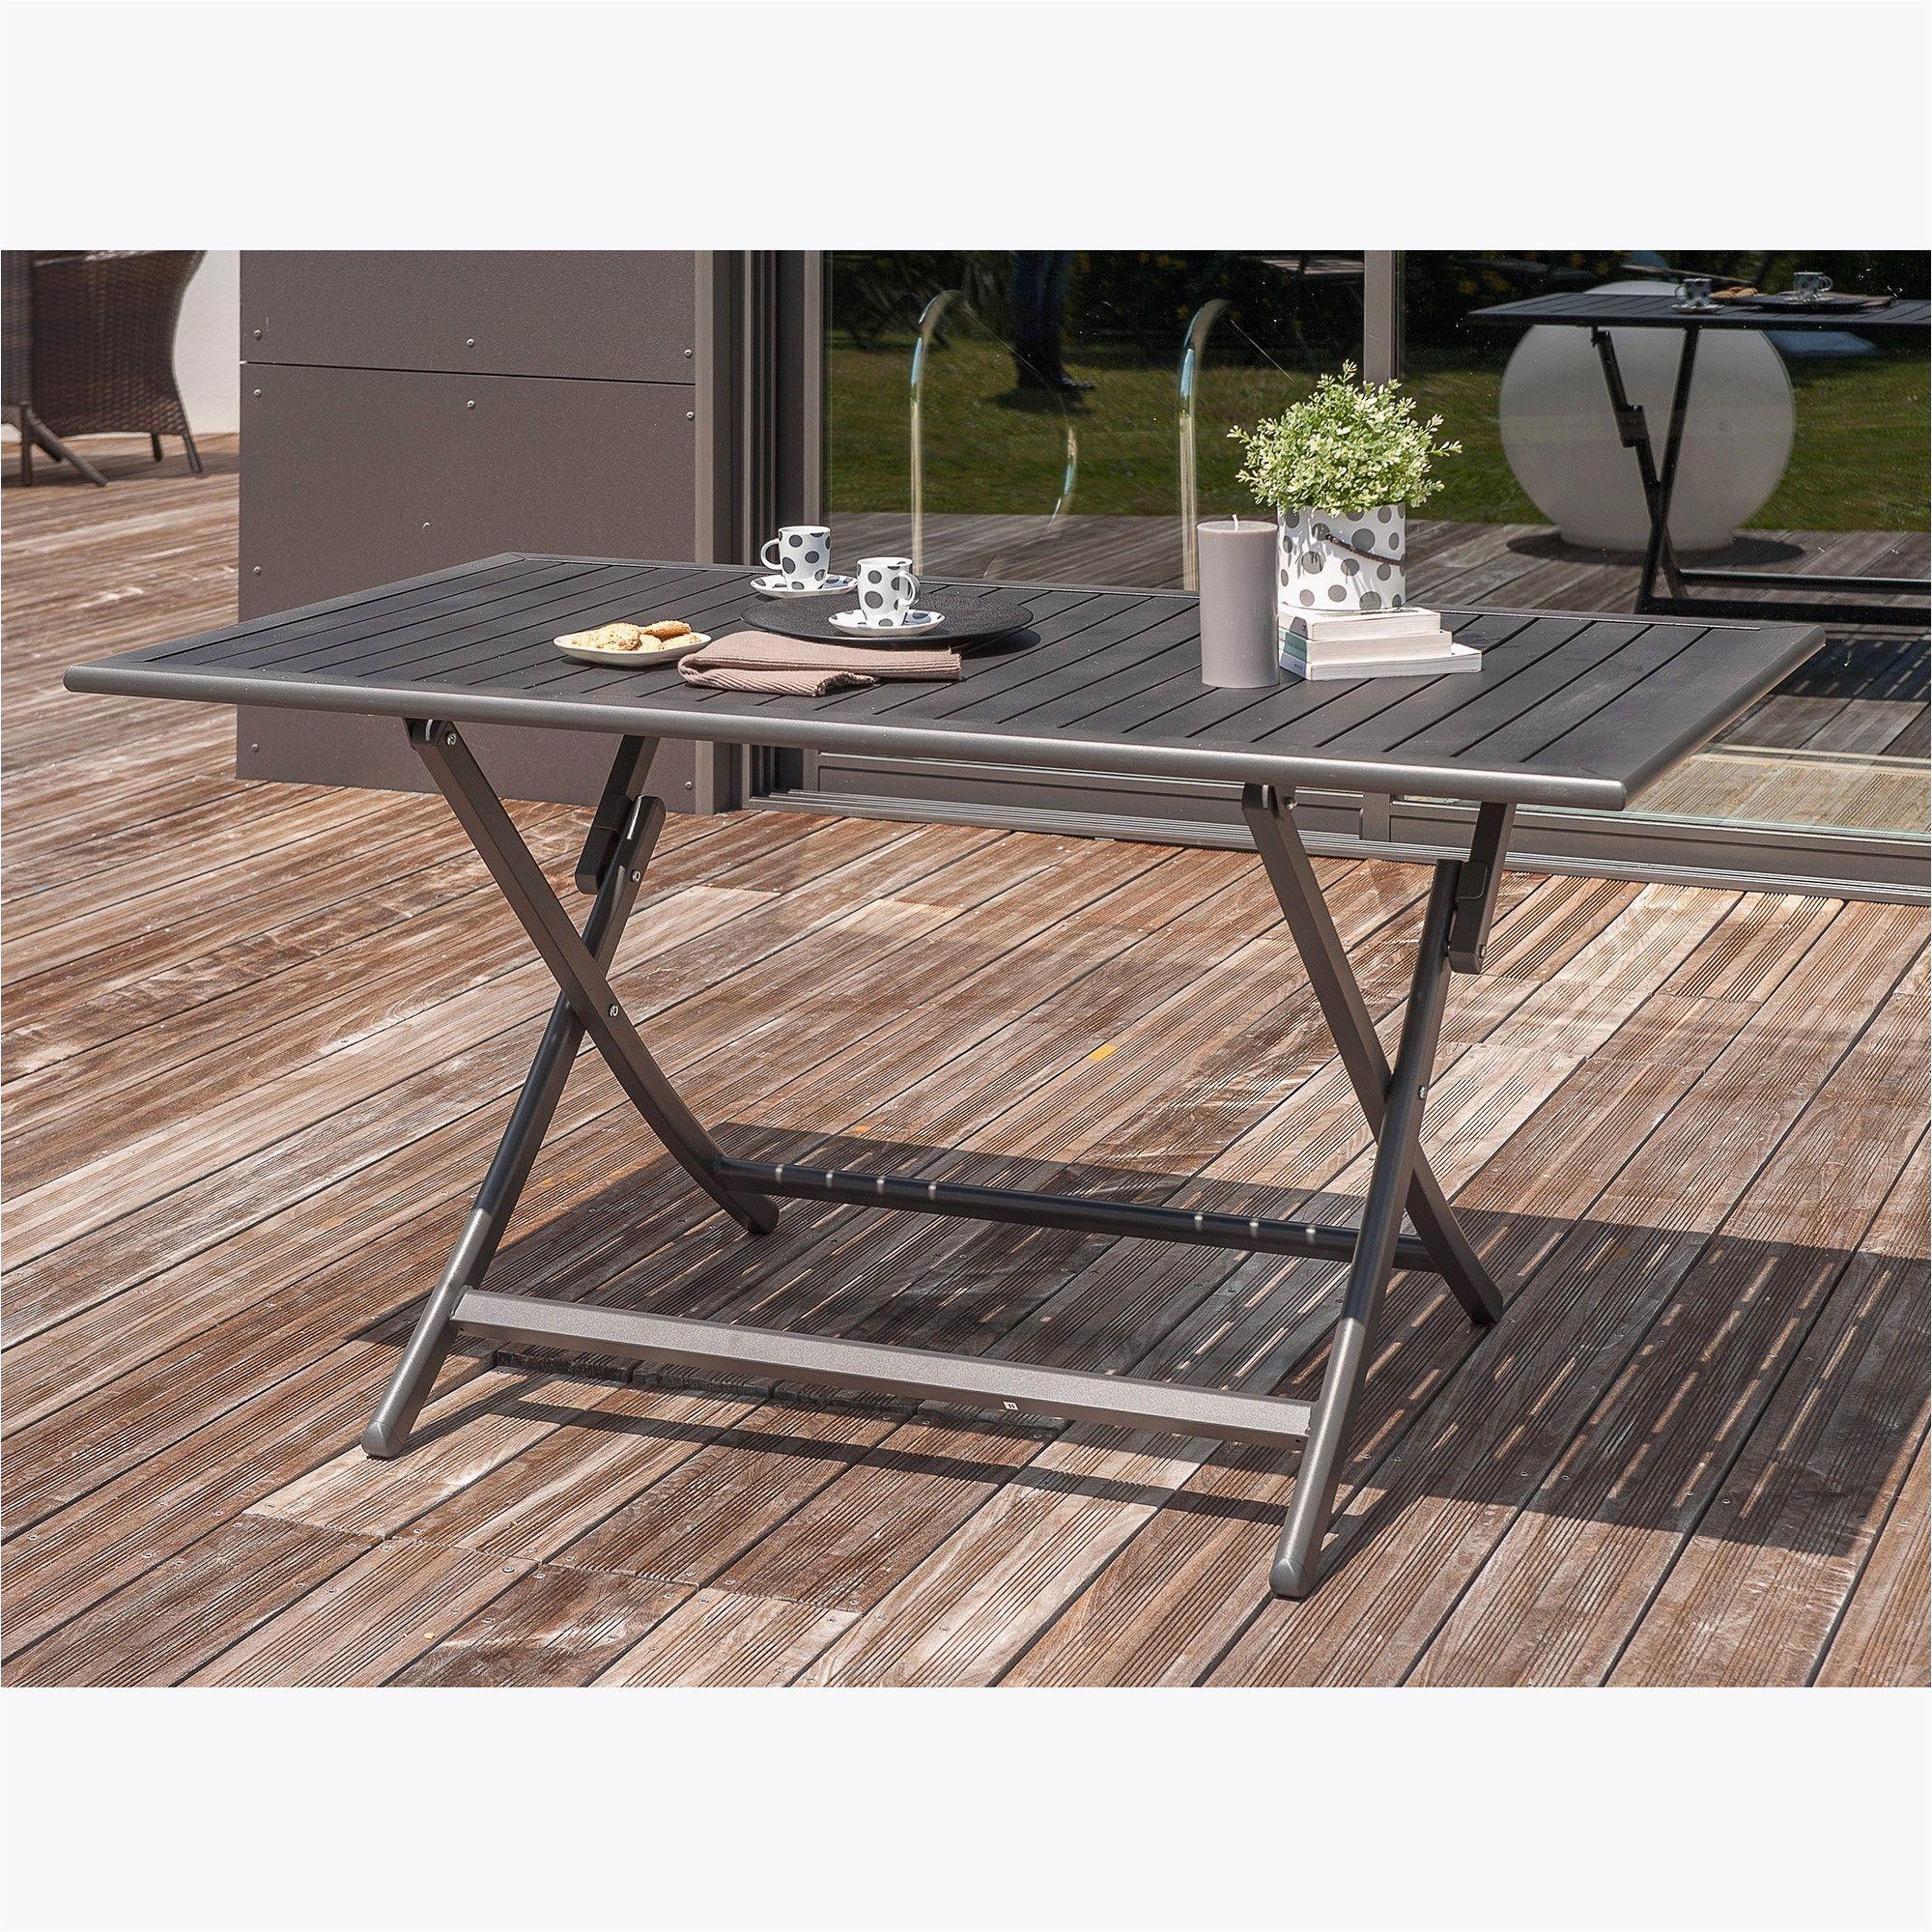 Table Teck Exterieur Unique Table Pliante Leclerc Beau S Leclerc Table De Jardin